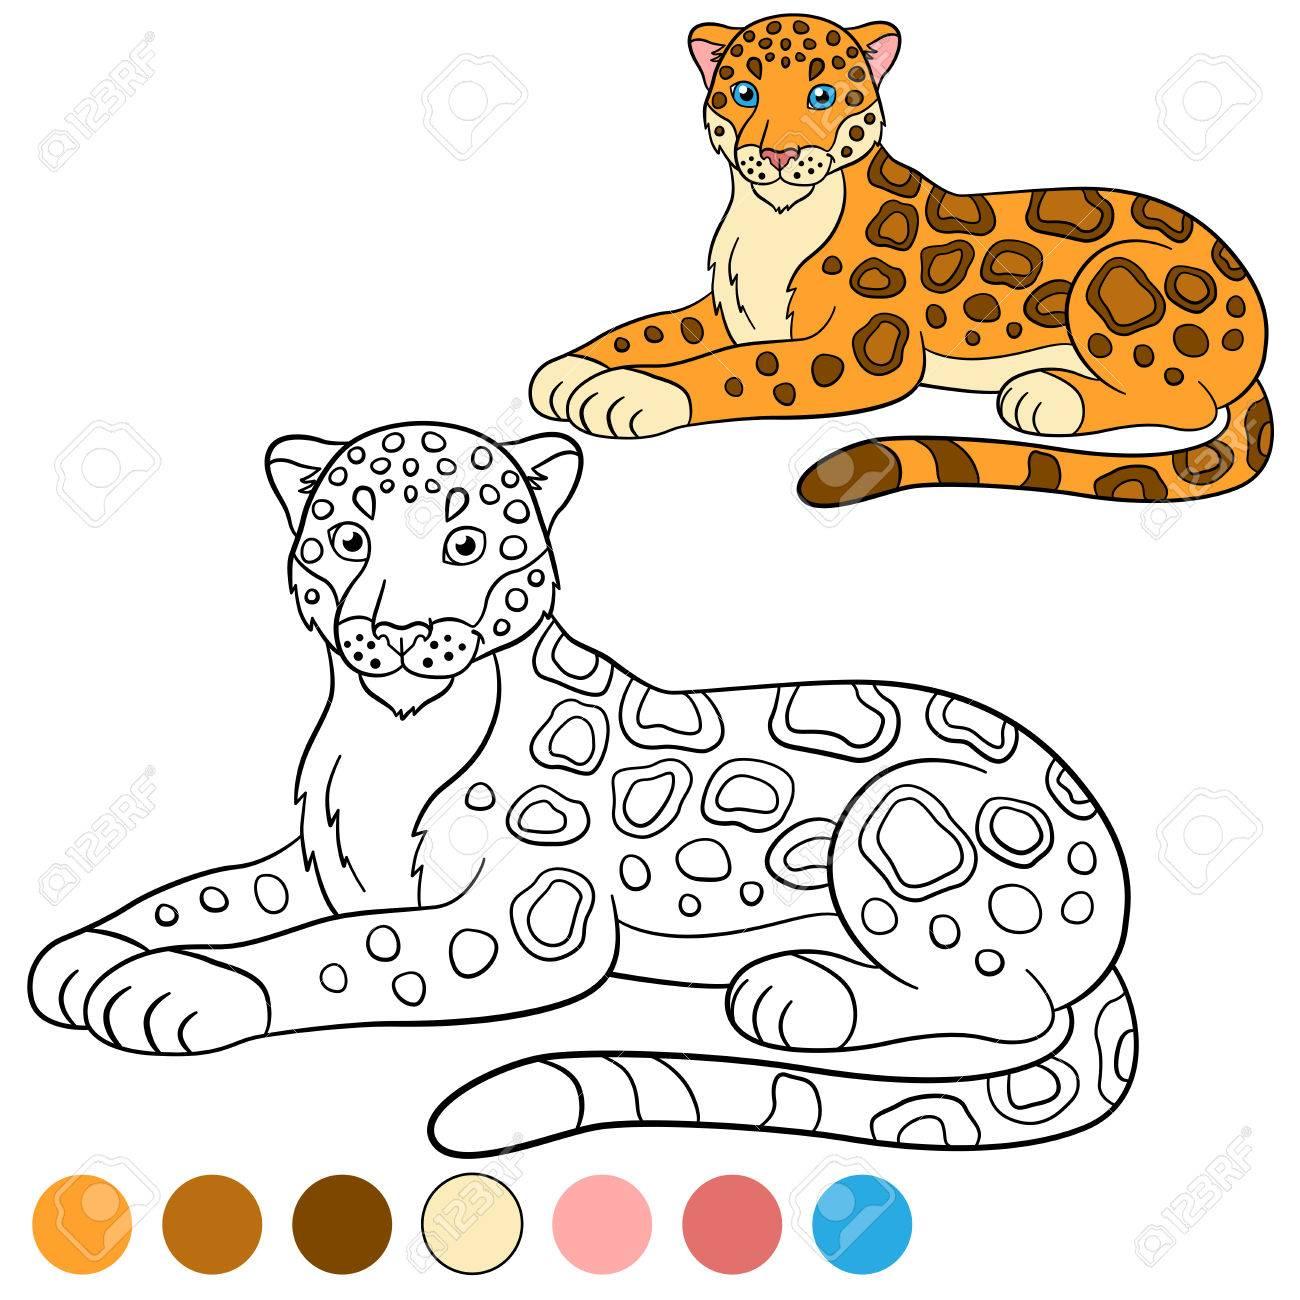 Dibujo Para Colorear Con Los Colores Jaguar Lindo Pone Y Sonríe